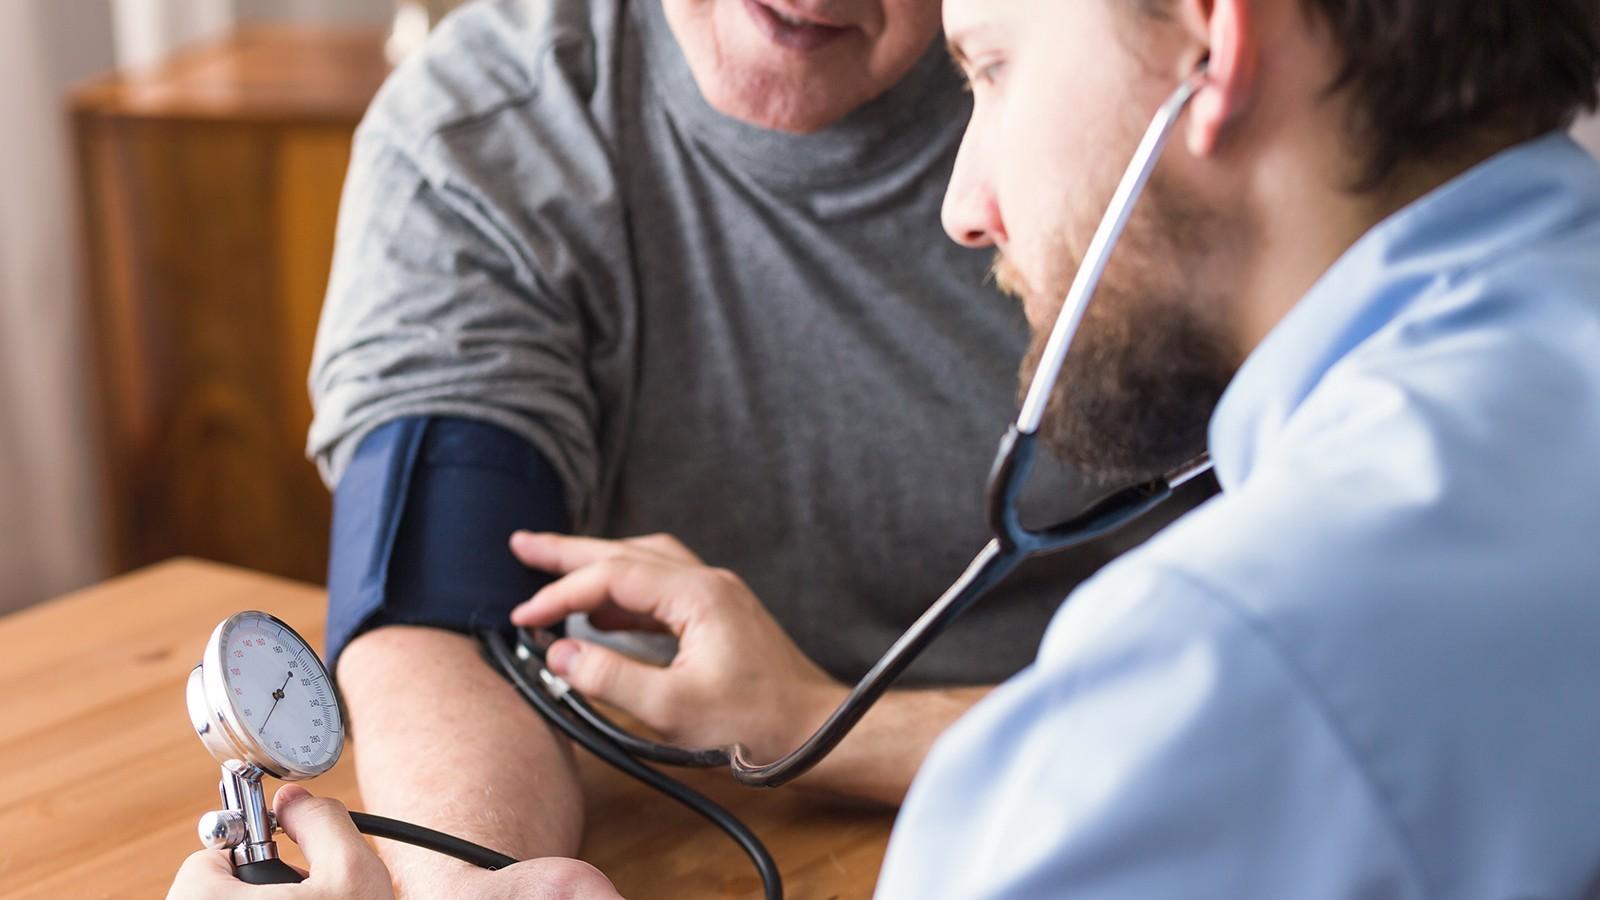 Υπέρταση: Πιο επικίνδυνη όταν αυξάνεται η «μικρή» – Και άλλοι 14 μύθοι για την πίεση - Φωτογραφία 1